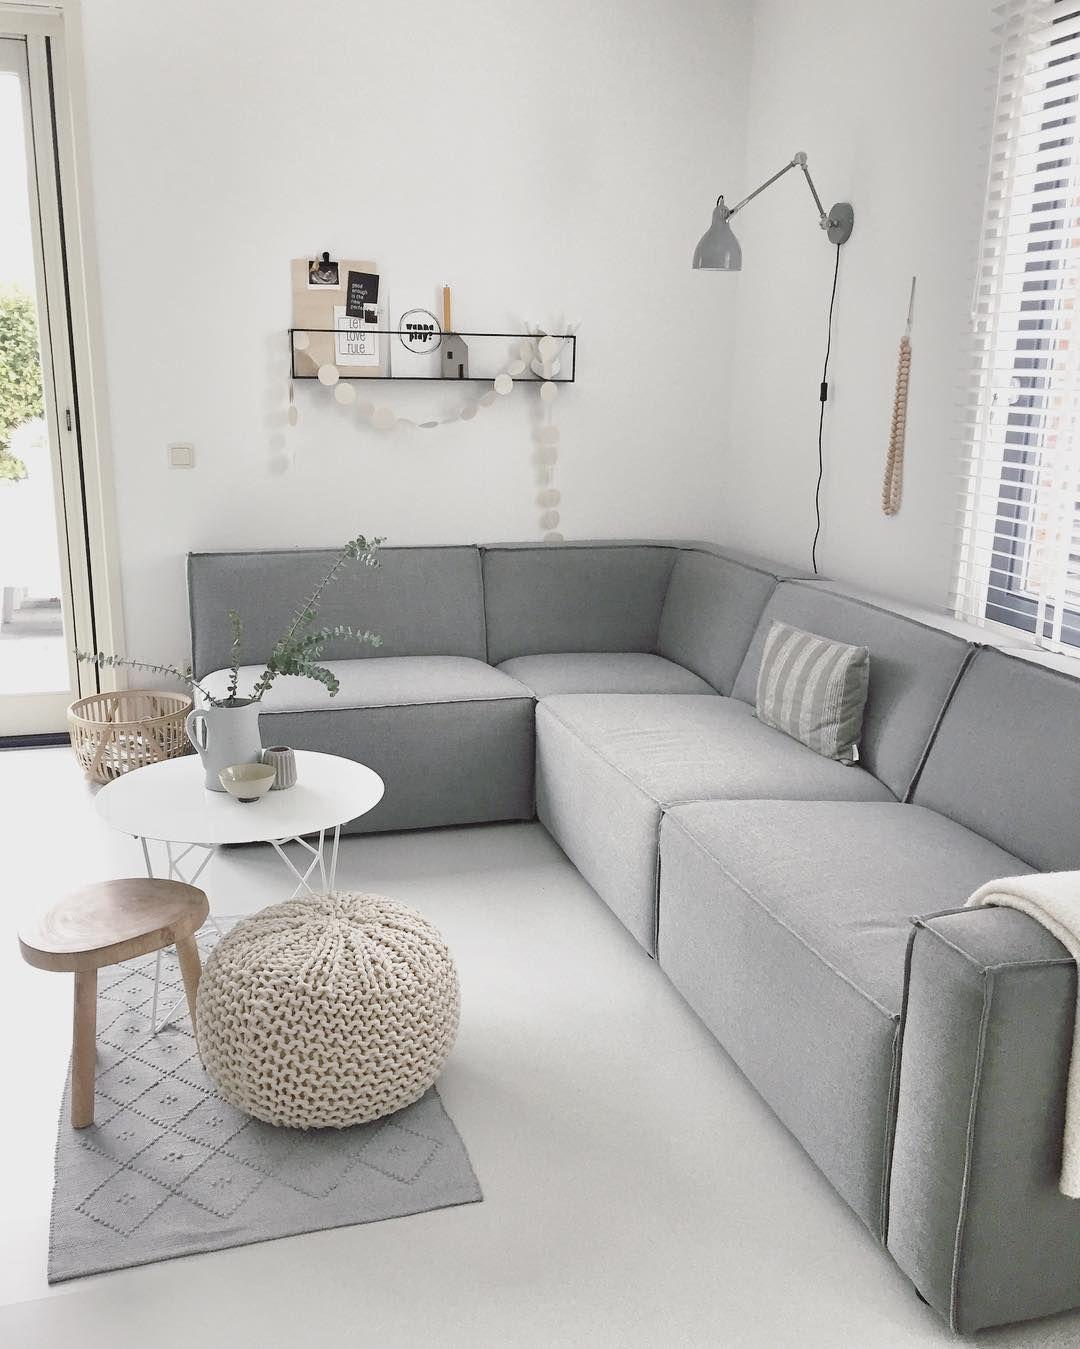 bekijk deze instagram foto van wonenaandemadelief 3 734 vind ik leuks wonen pinterest. Black Bedroom Furniture Sets. Home Design Ideas